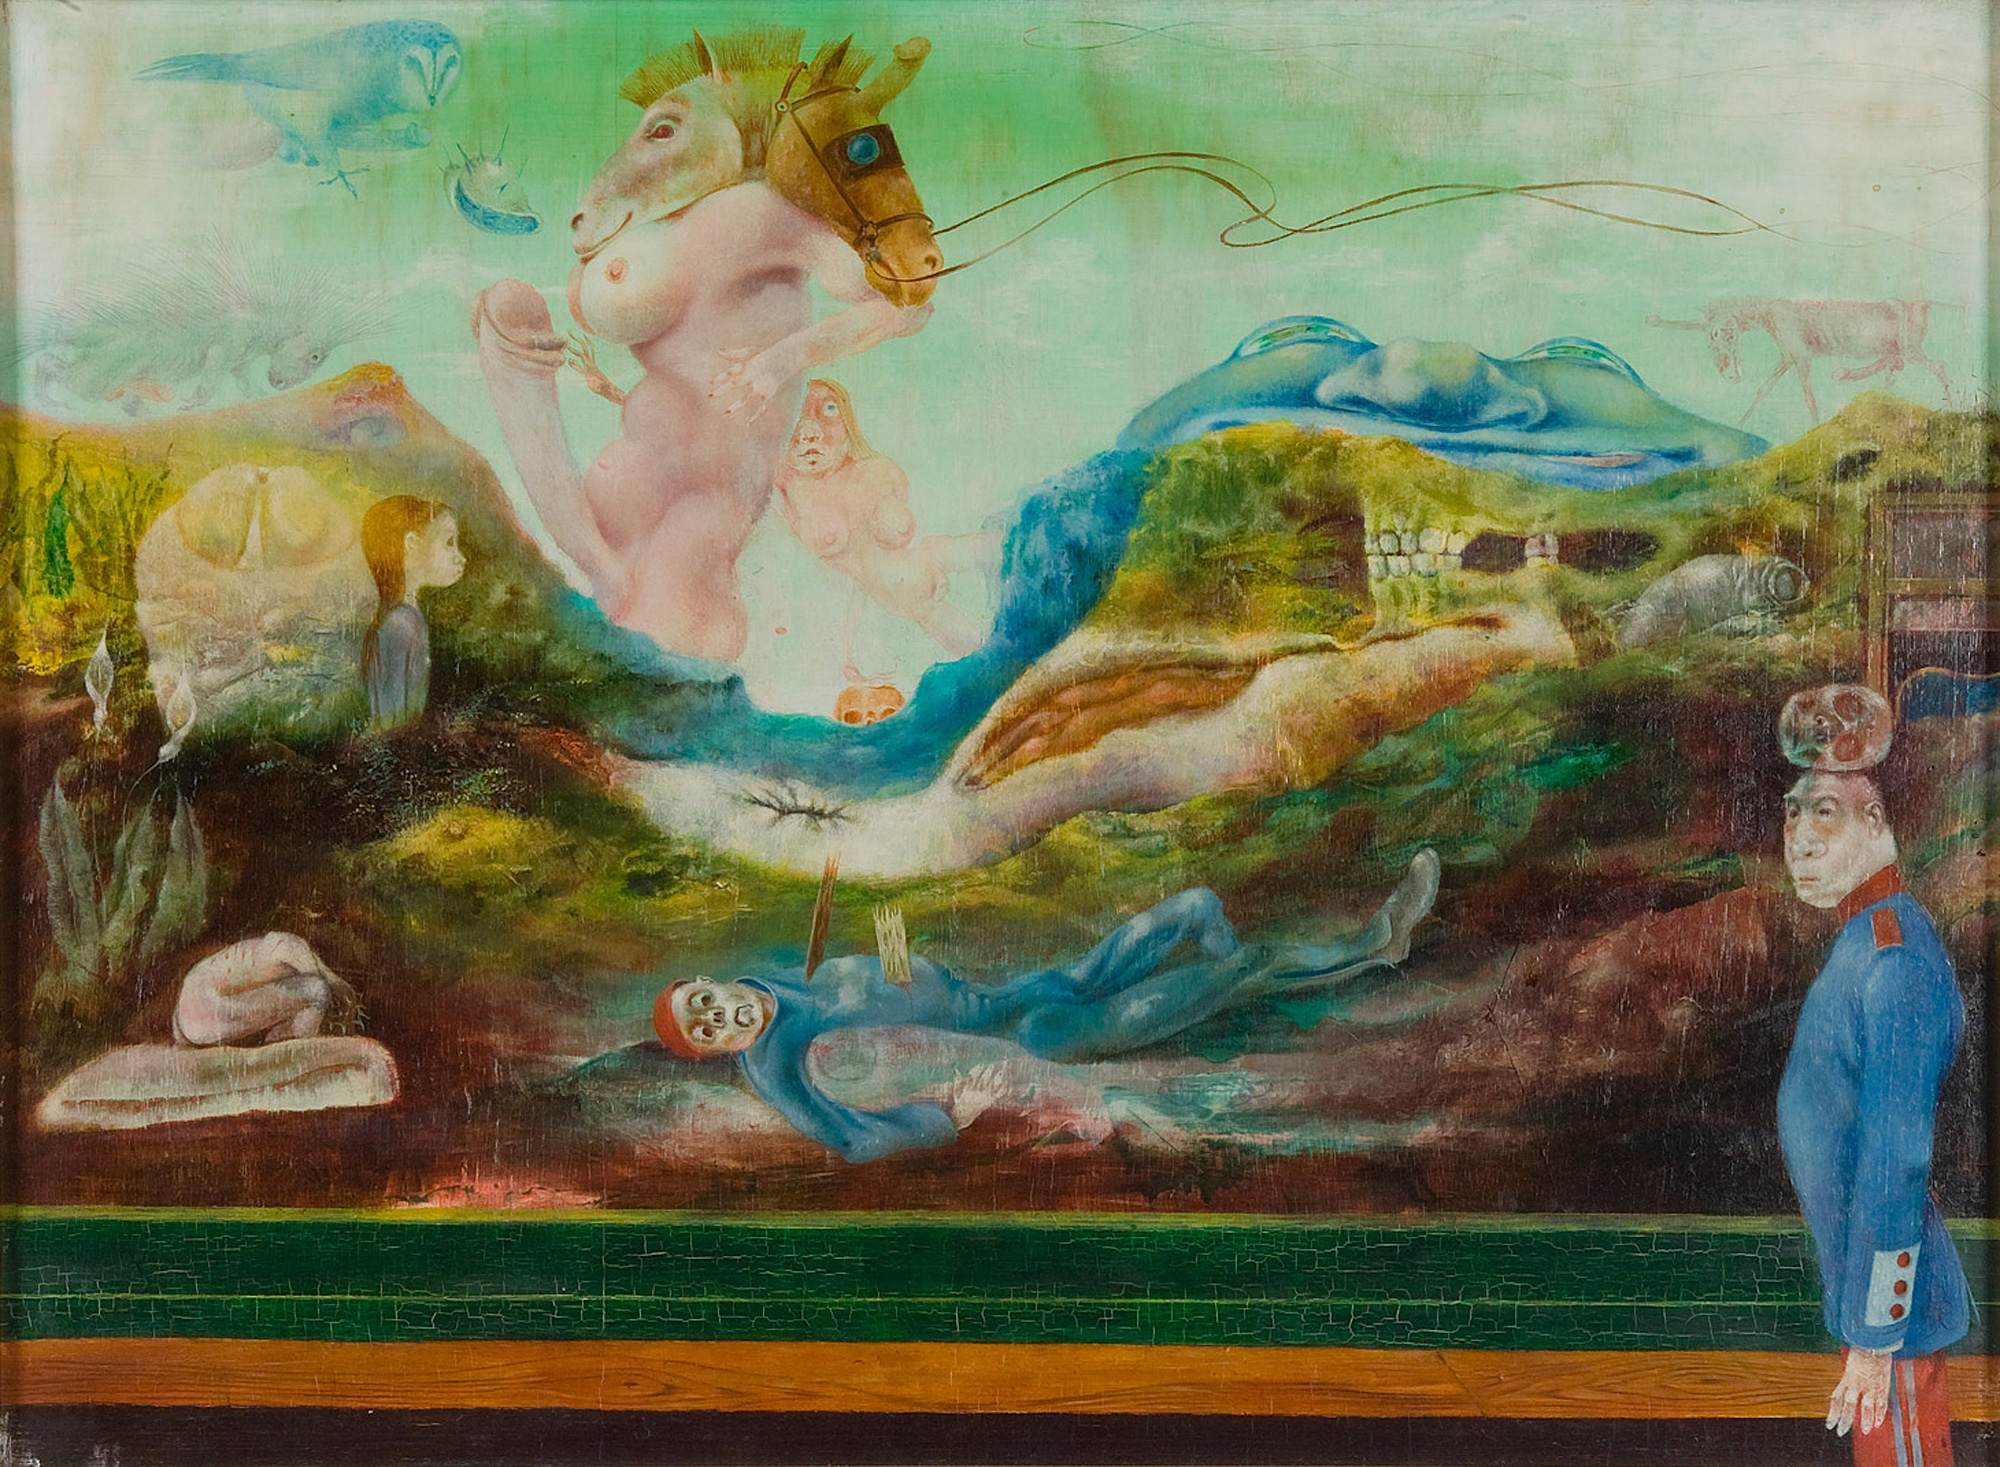 Melle schilder | Slag bij Waterloo, olieverf op paneel